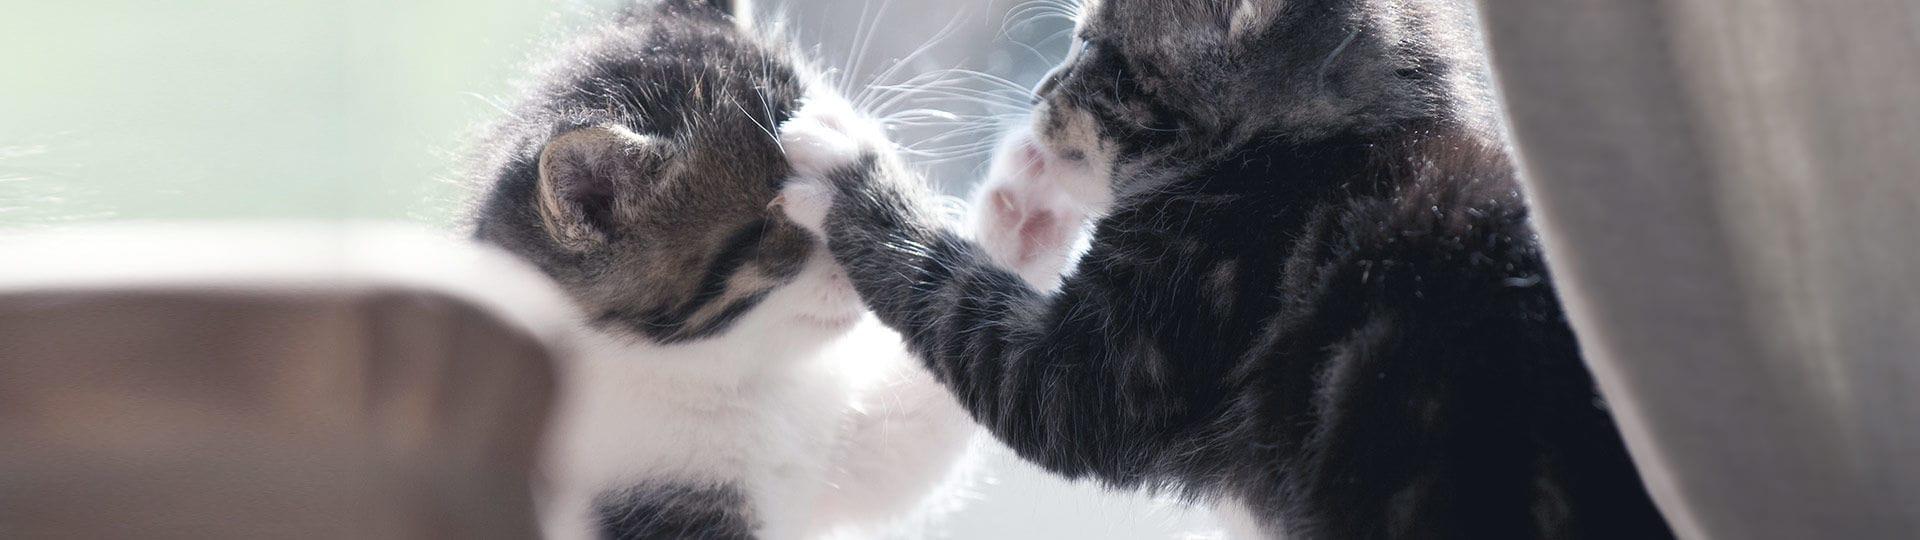 Katte der ikke kan enes